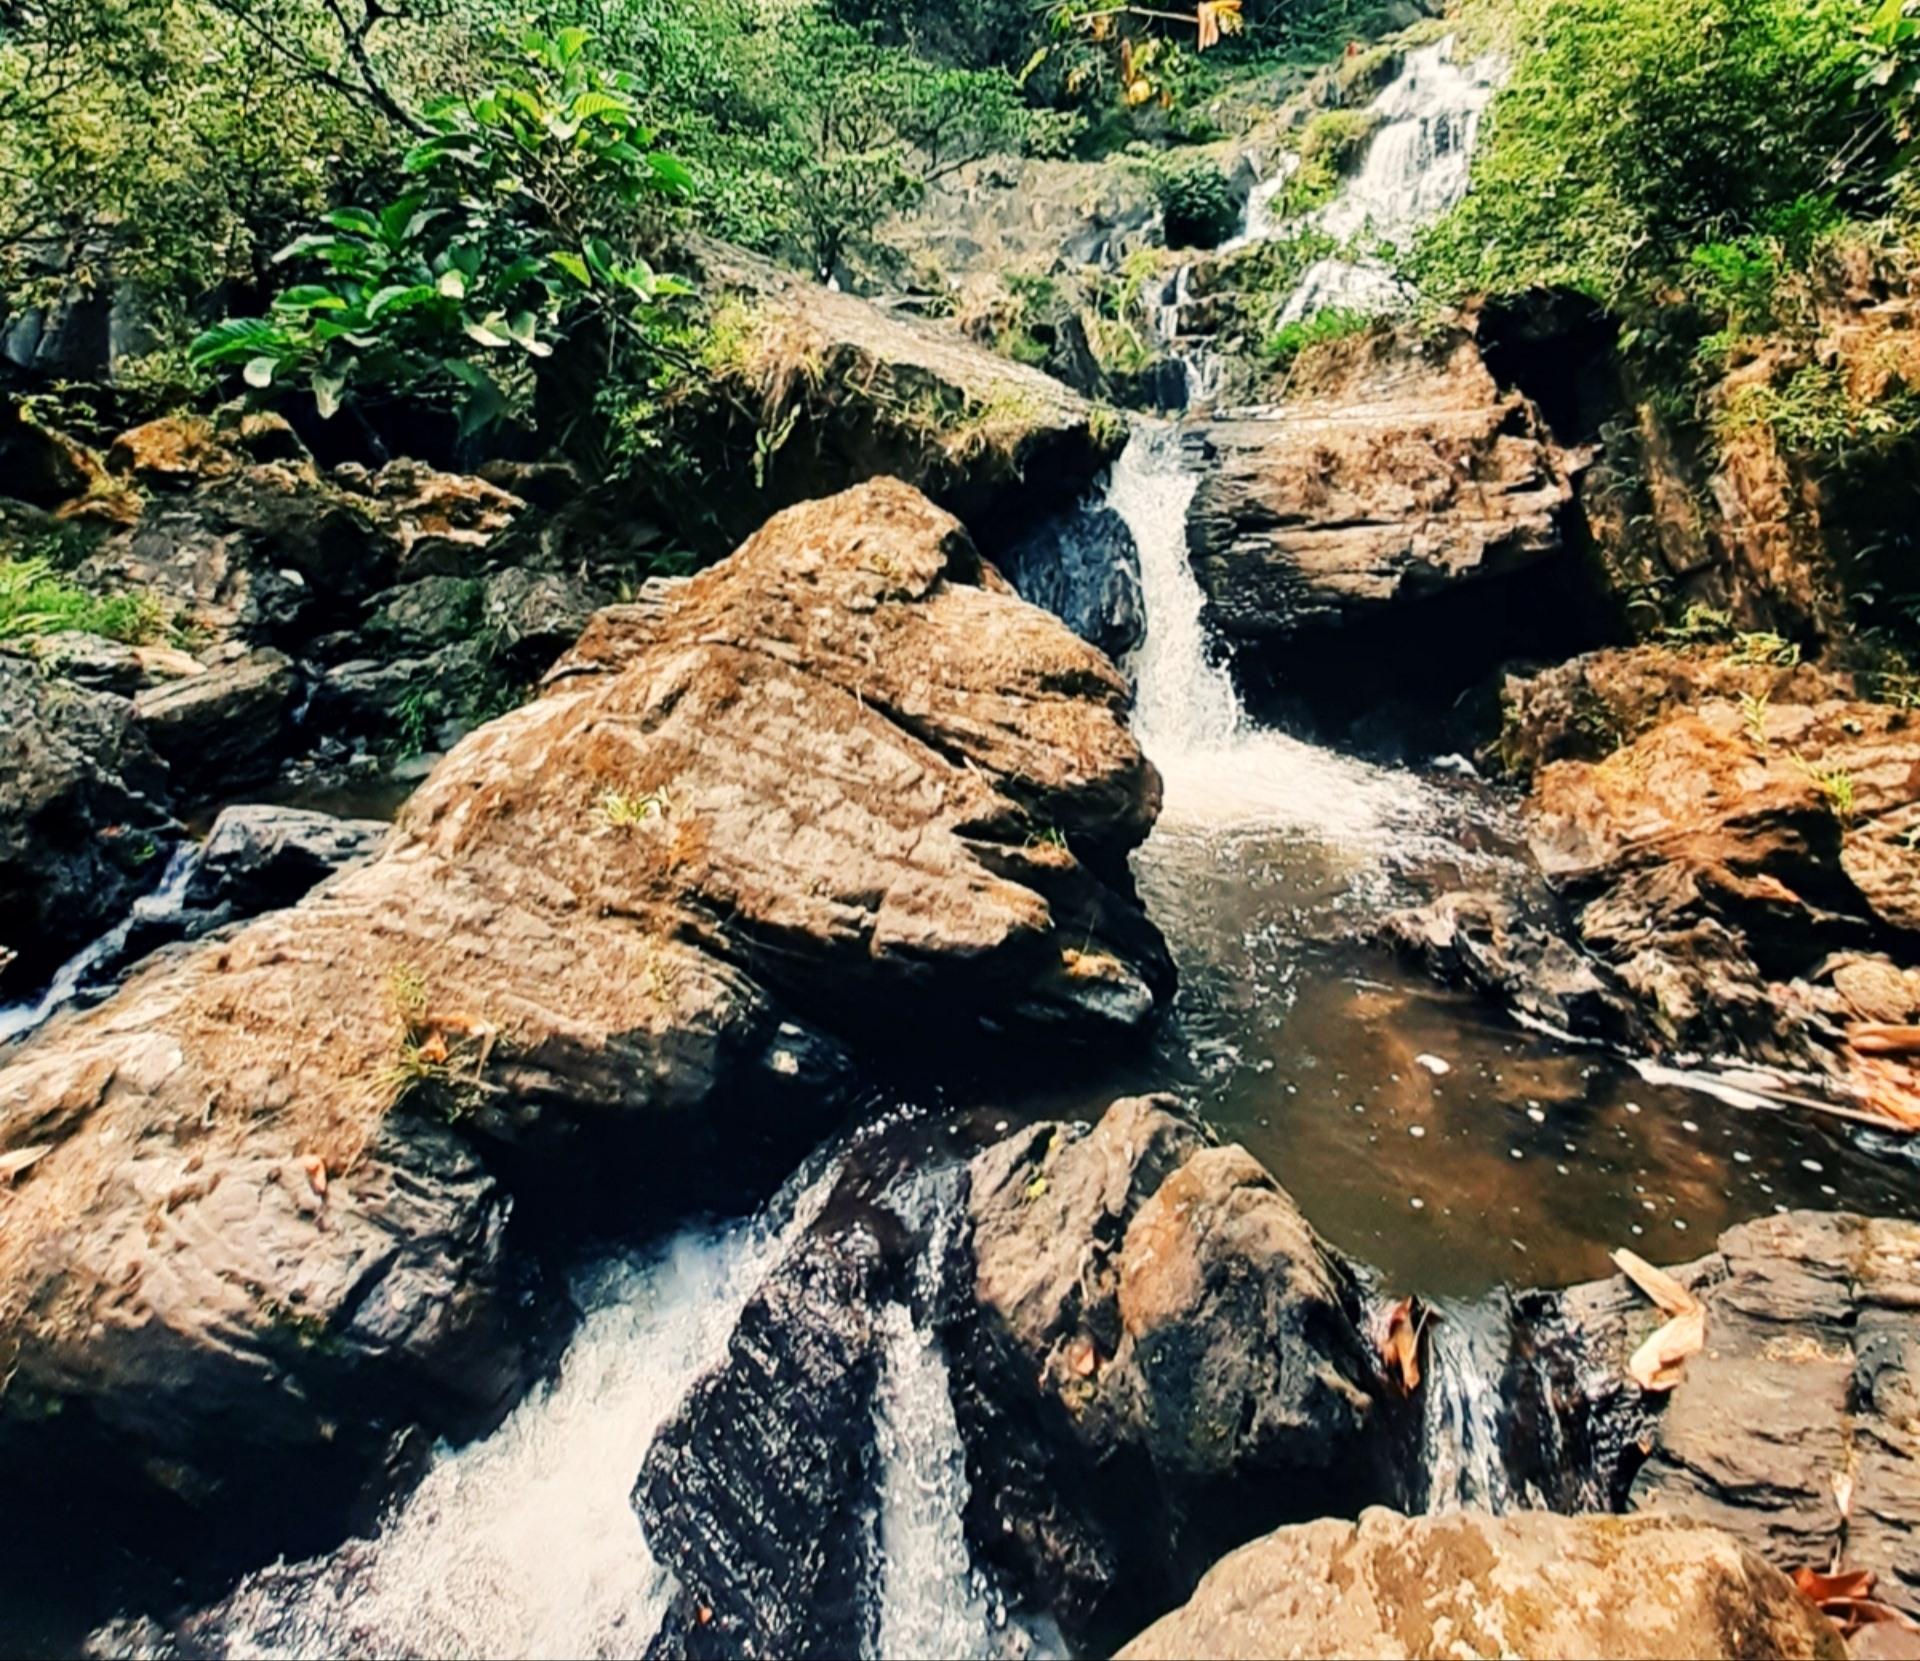 Sự hòa quyện giữa dòng nước, thác đá, cùng sinh vật cảnh tự nhiên giữa rừng như tăng thểm sự cuốn hút cho thác R'măng kỳ thú. Ảnh: N.L